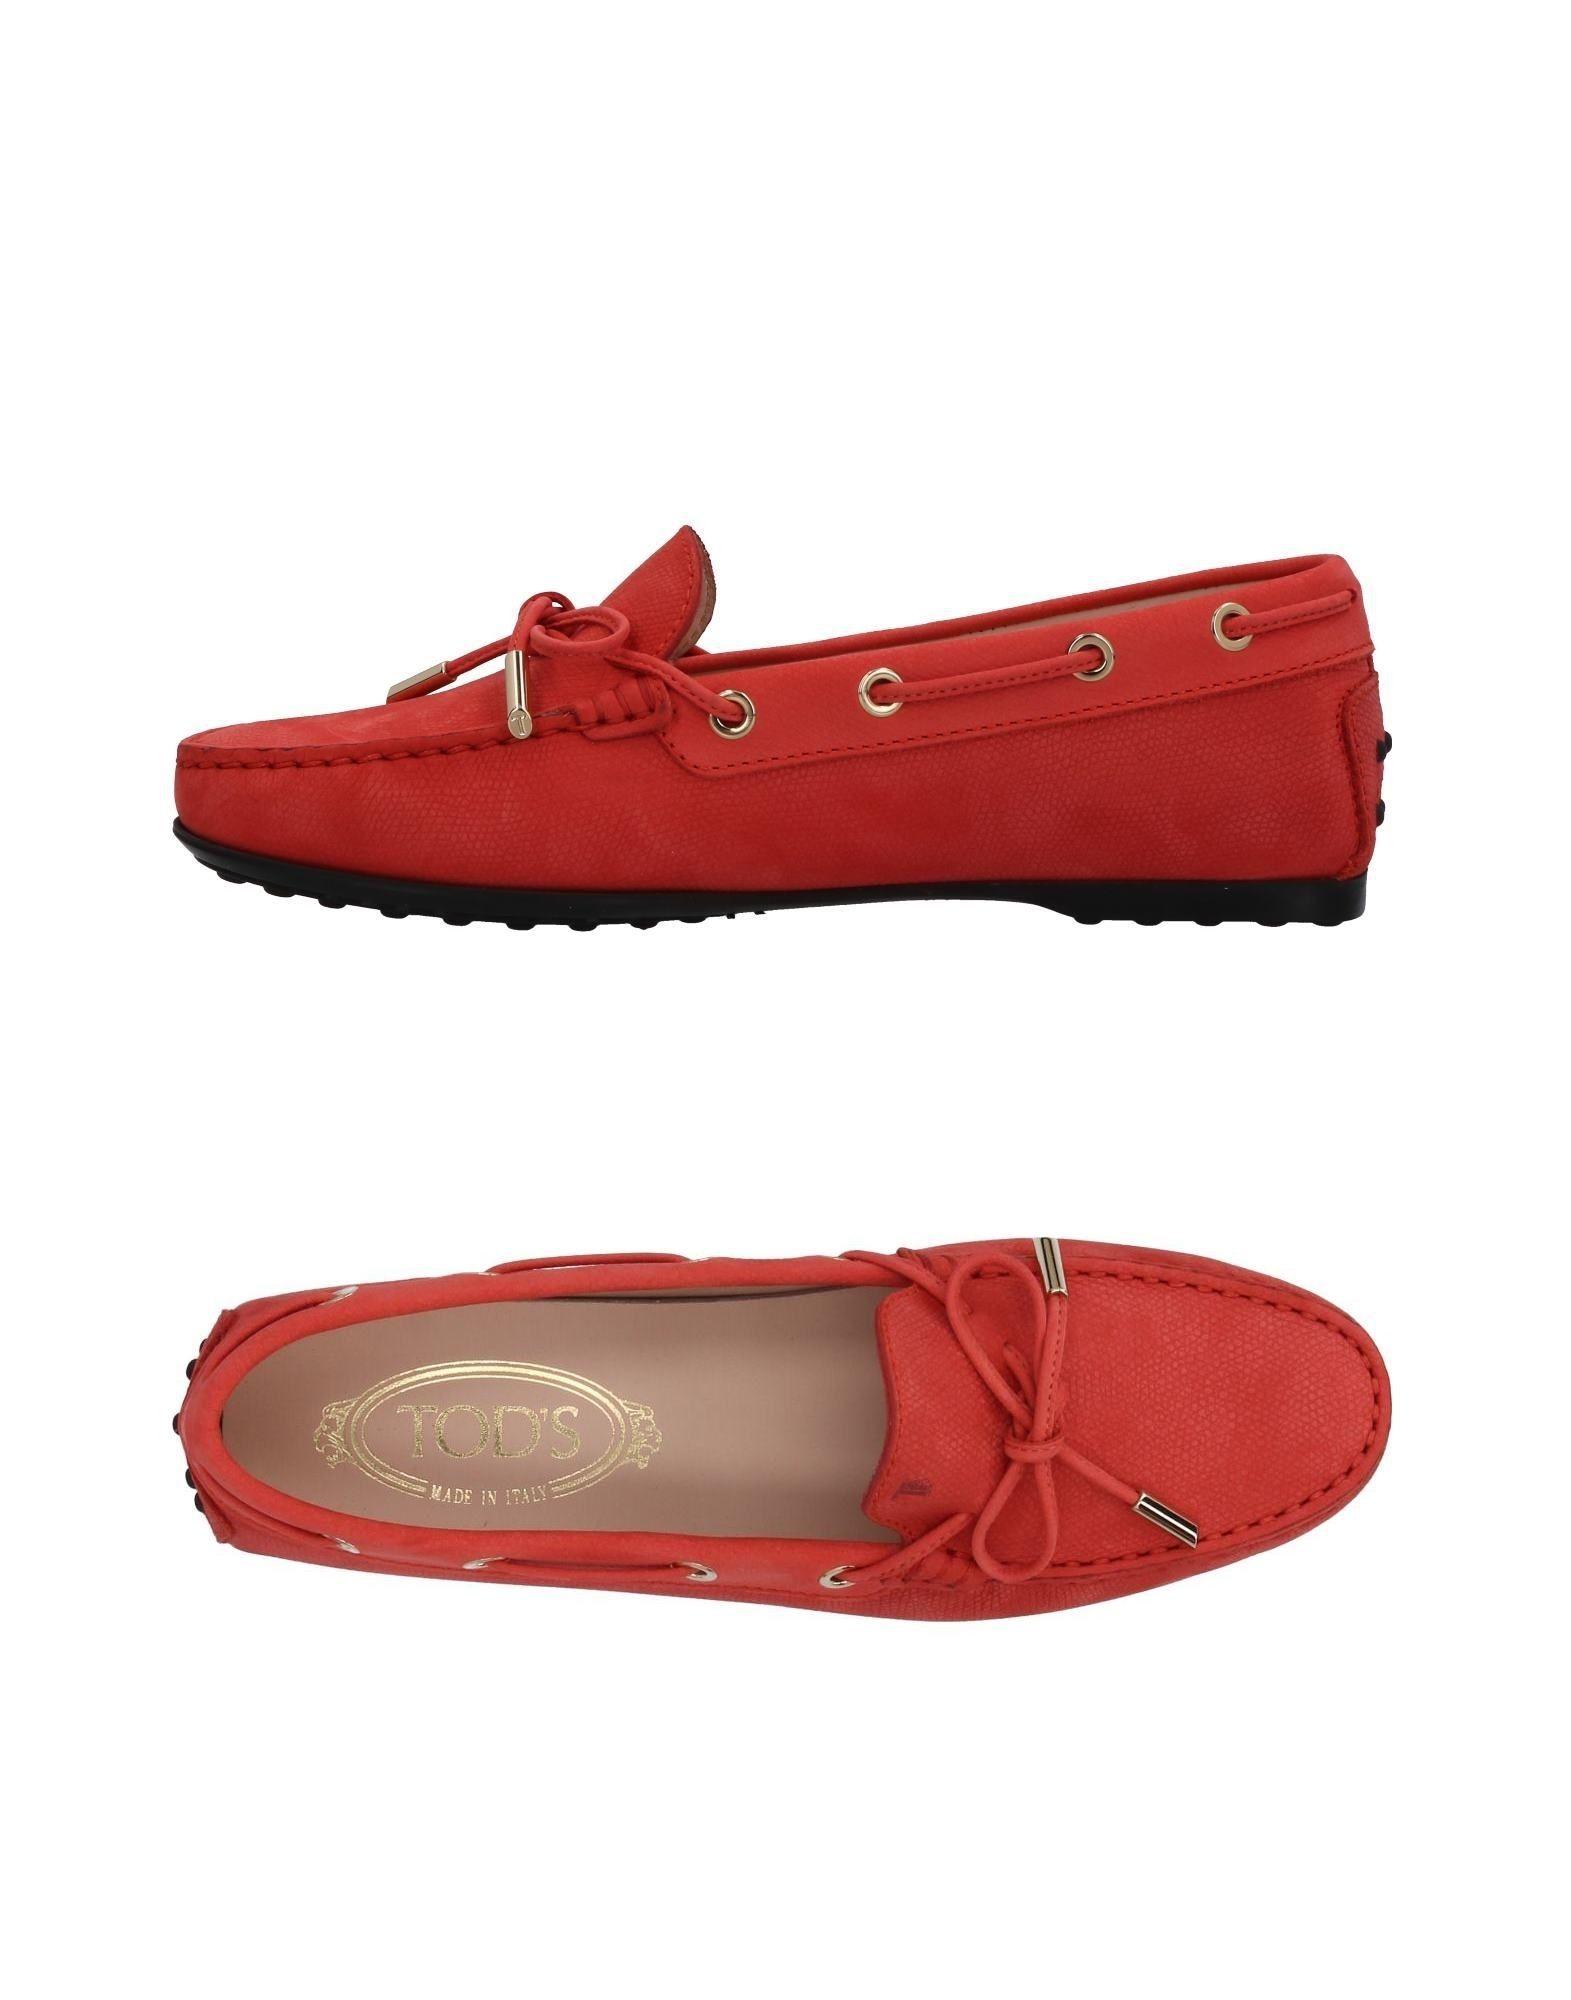 Tod's Mokassins Damen  11396631IHGut aussehende strapazierfähige Schuhe